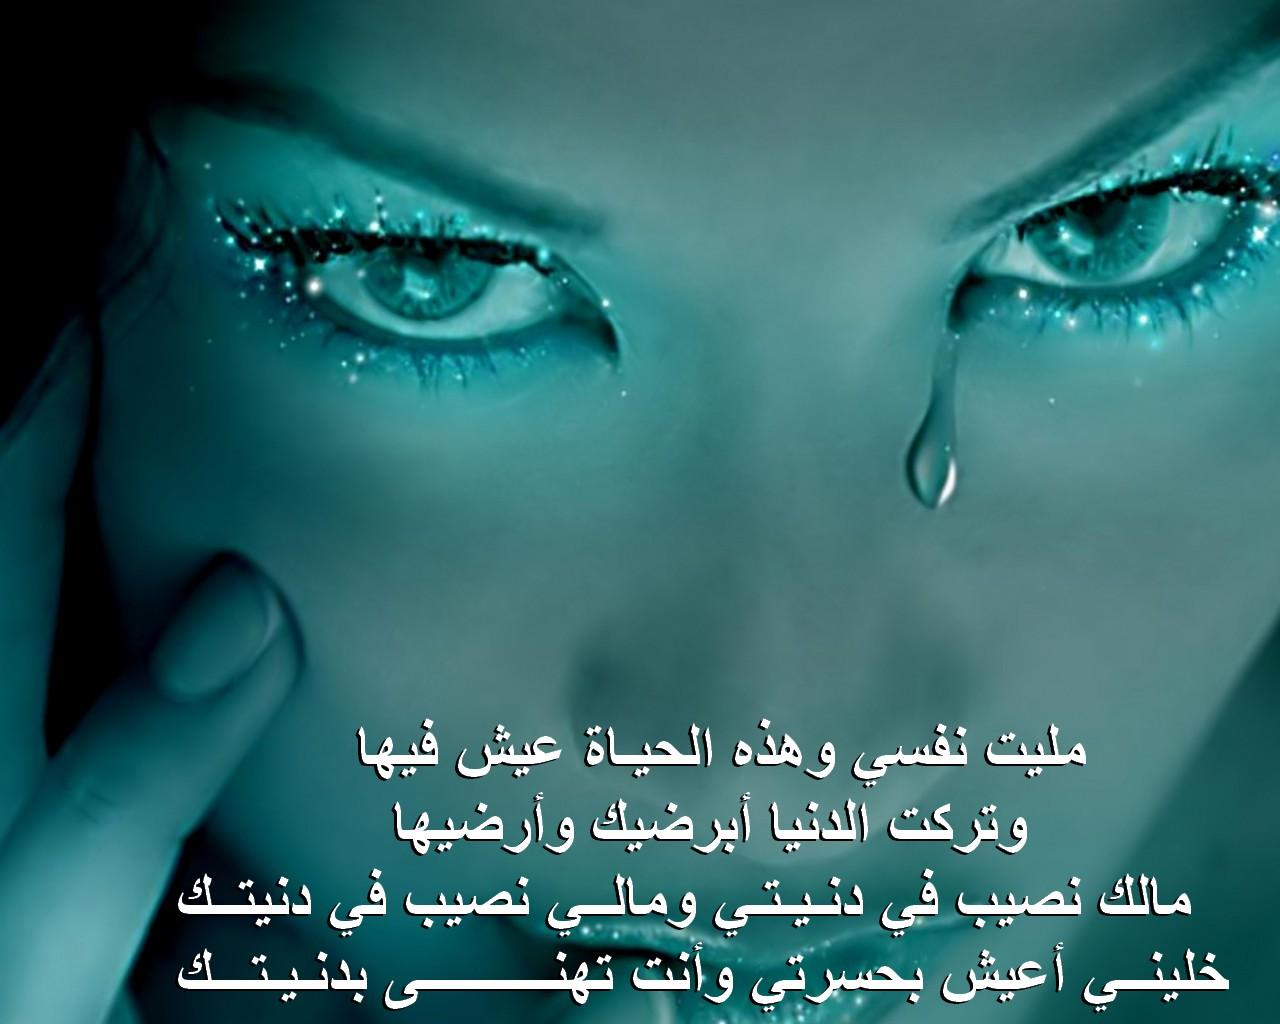 بالصور صور كلام زعل , حزن والقلب مجروج والعيون تبكي 11943 4